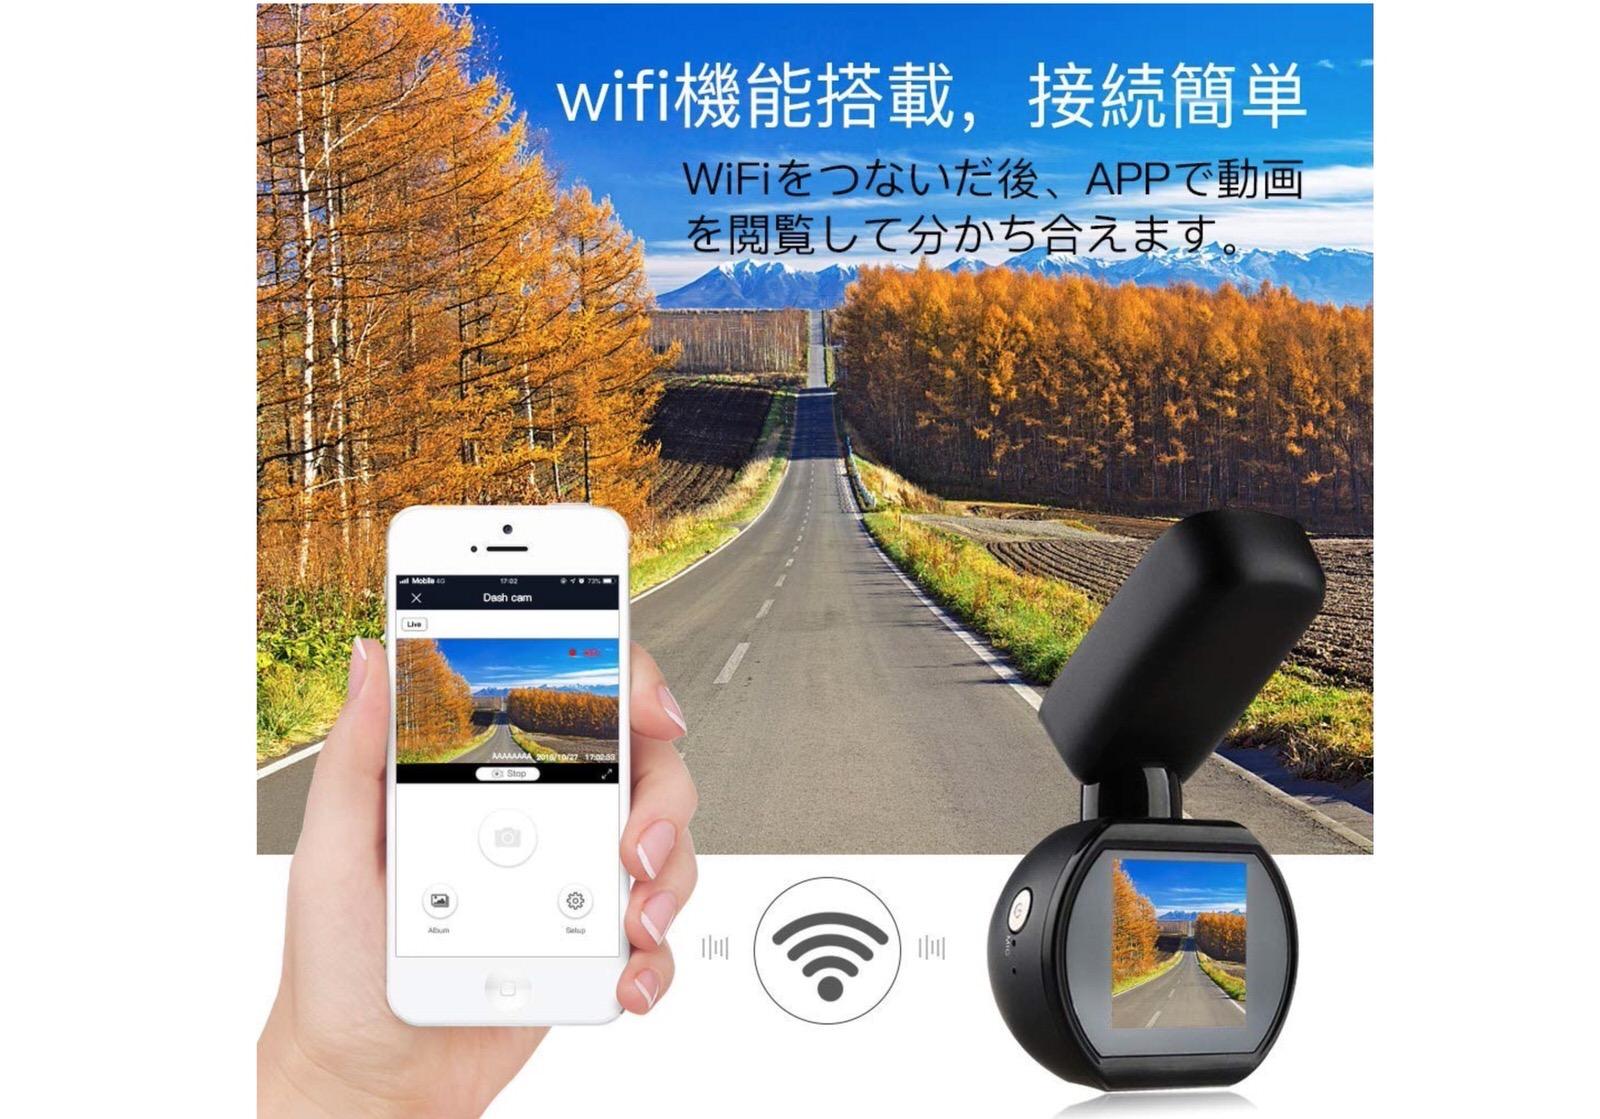 ドライブレコーダー WiFi【2018年最新版】HQBKiNG WiFi ドラレコ 1080PフルHD SONYセンサー搭載 高画質 ミニ 小型車載カメラ-2